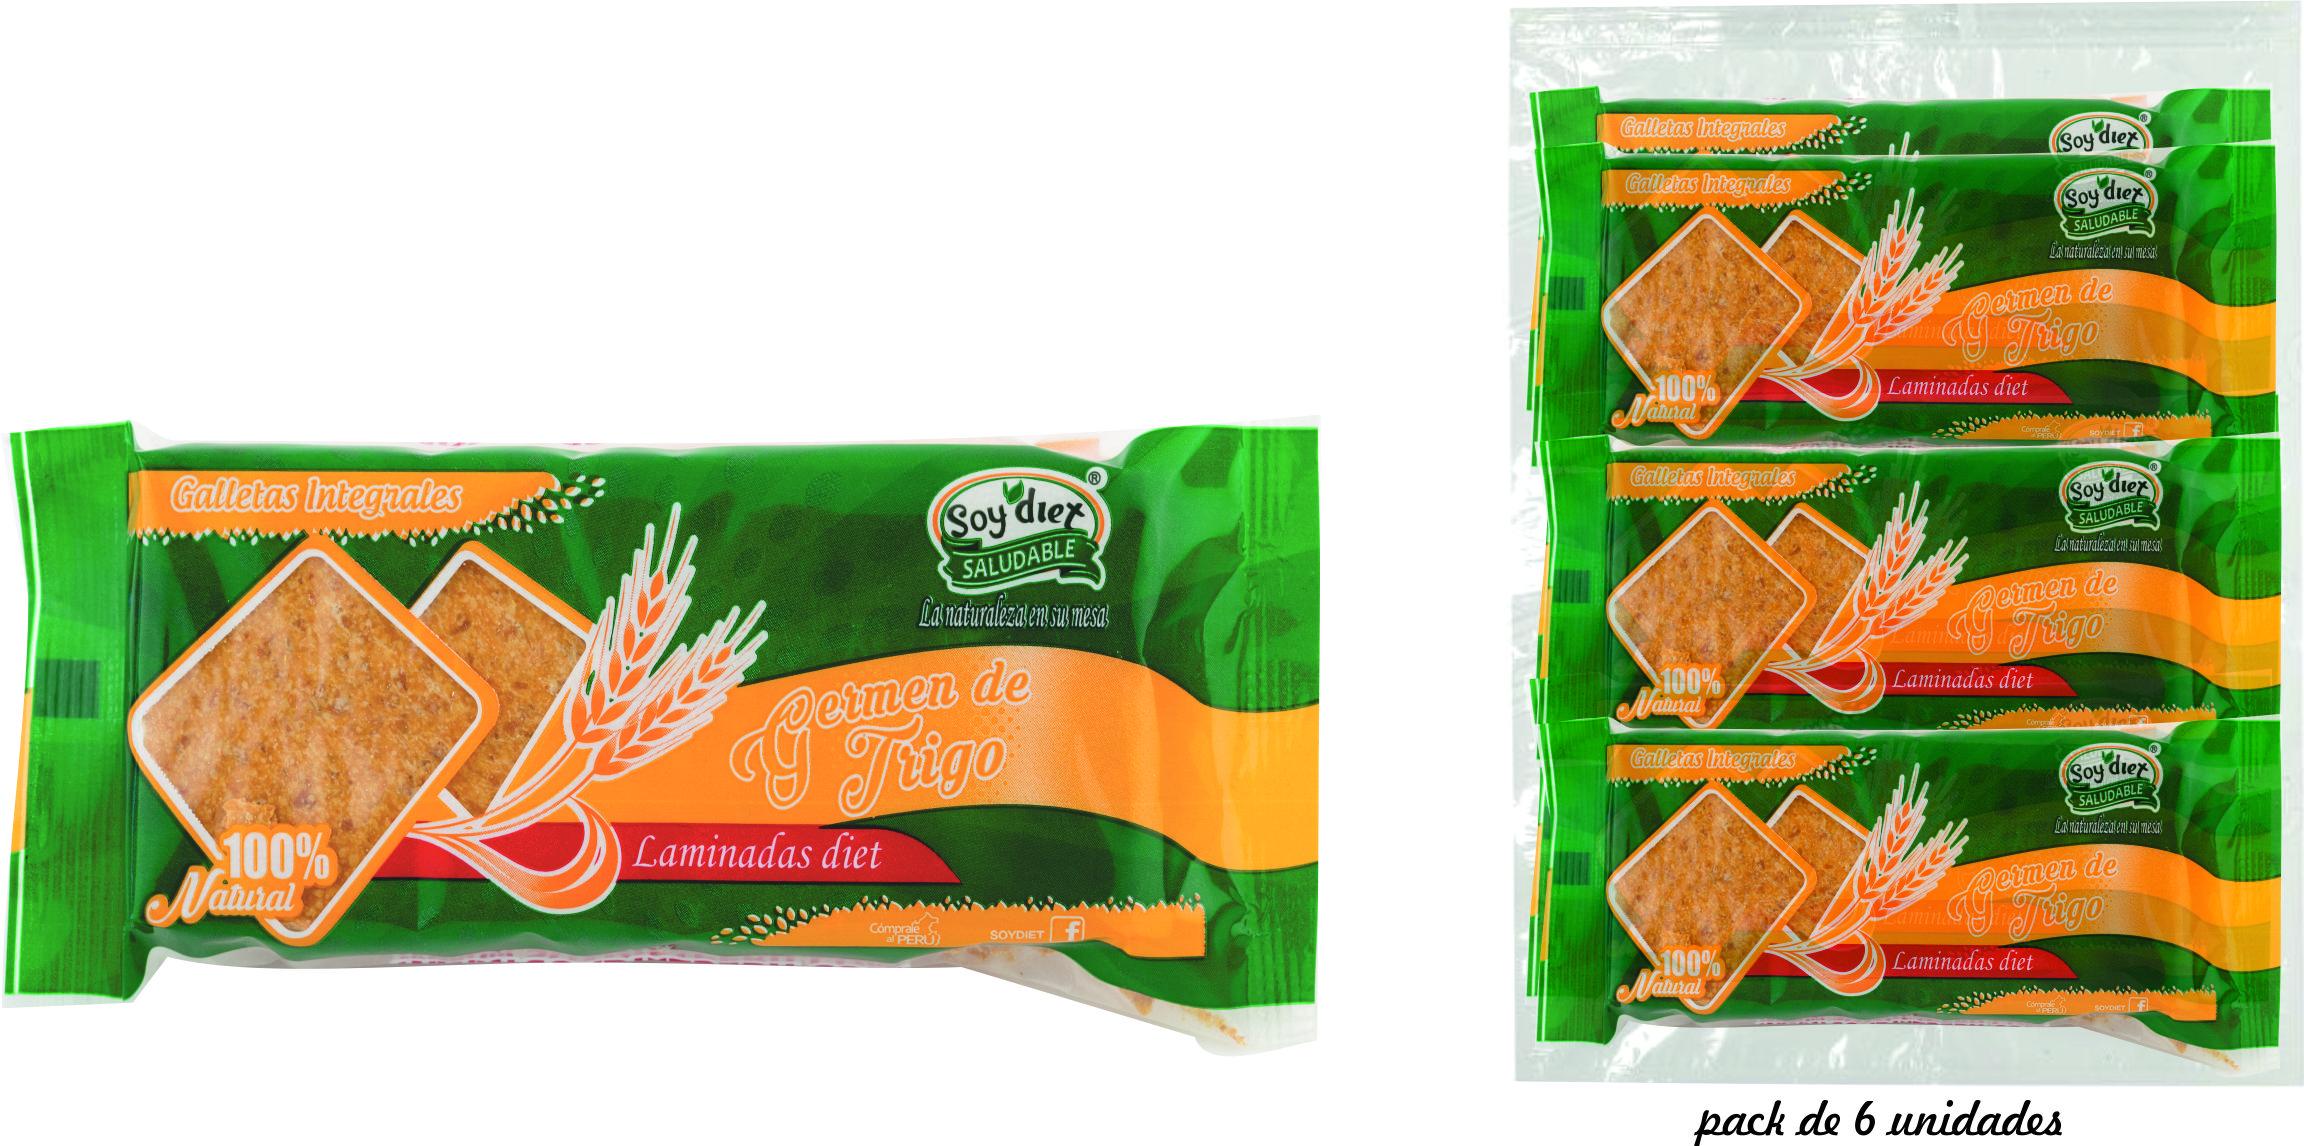 laminadas-diet-germen-de-trigo